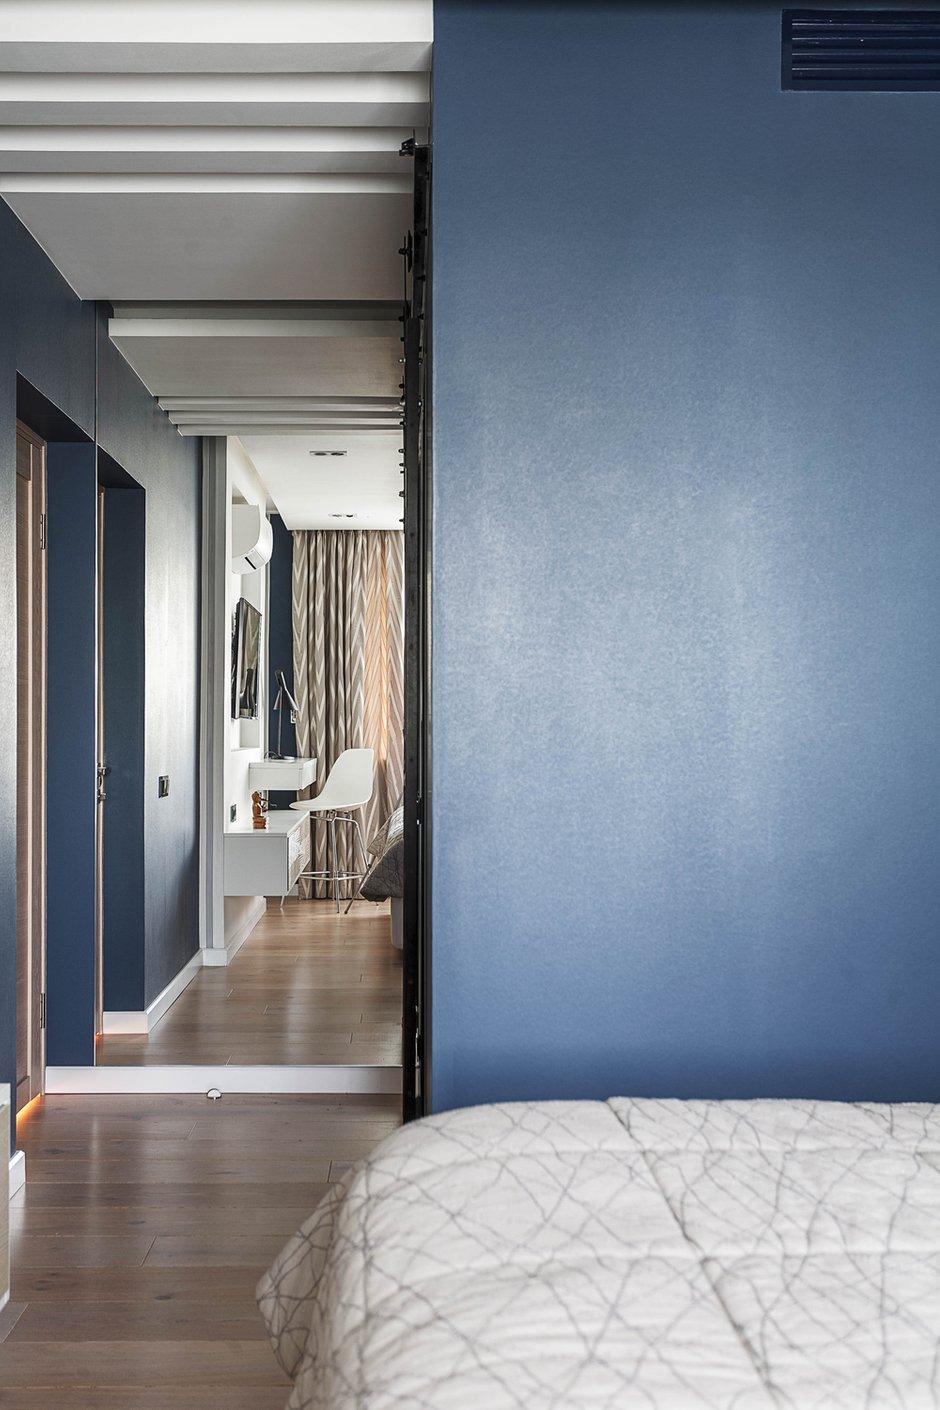 Фотография: Спальня в стиле Современный, Квартира, Проект недели, Москва, ИКЕА, Мила Титова, П44т – фото на INMYROOM